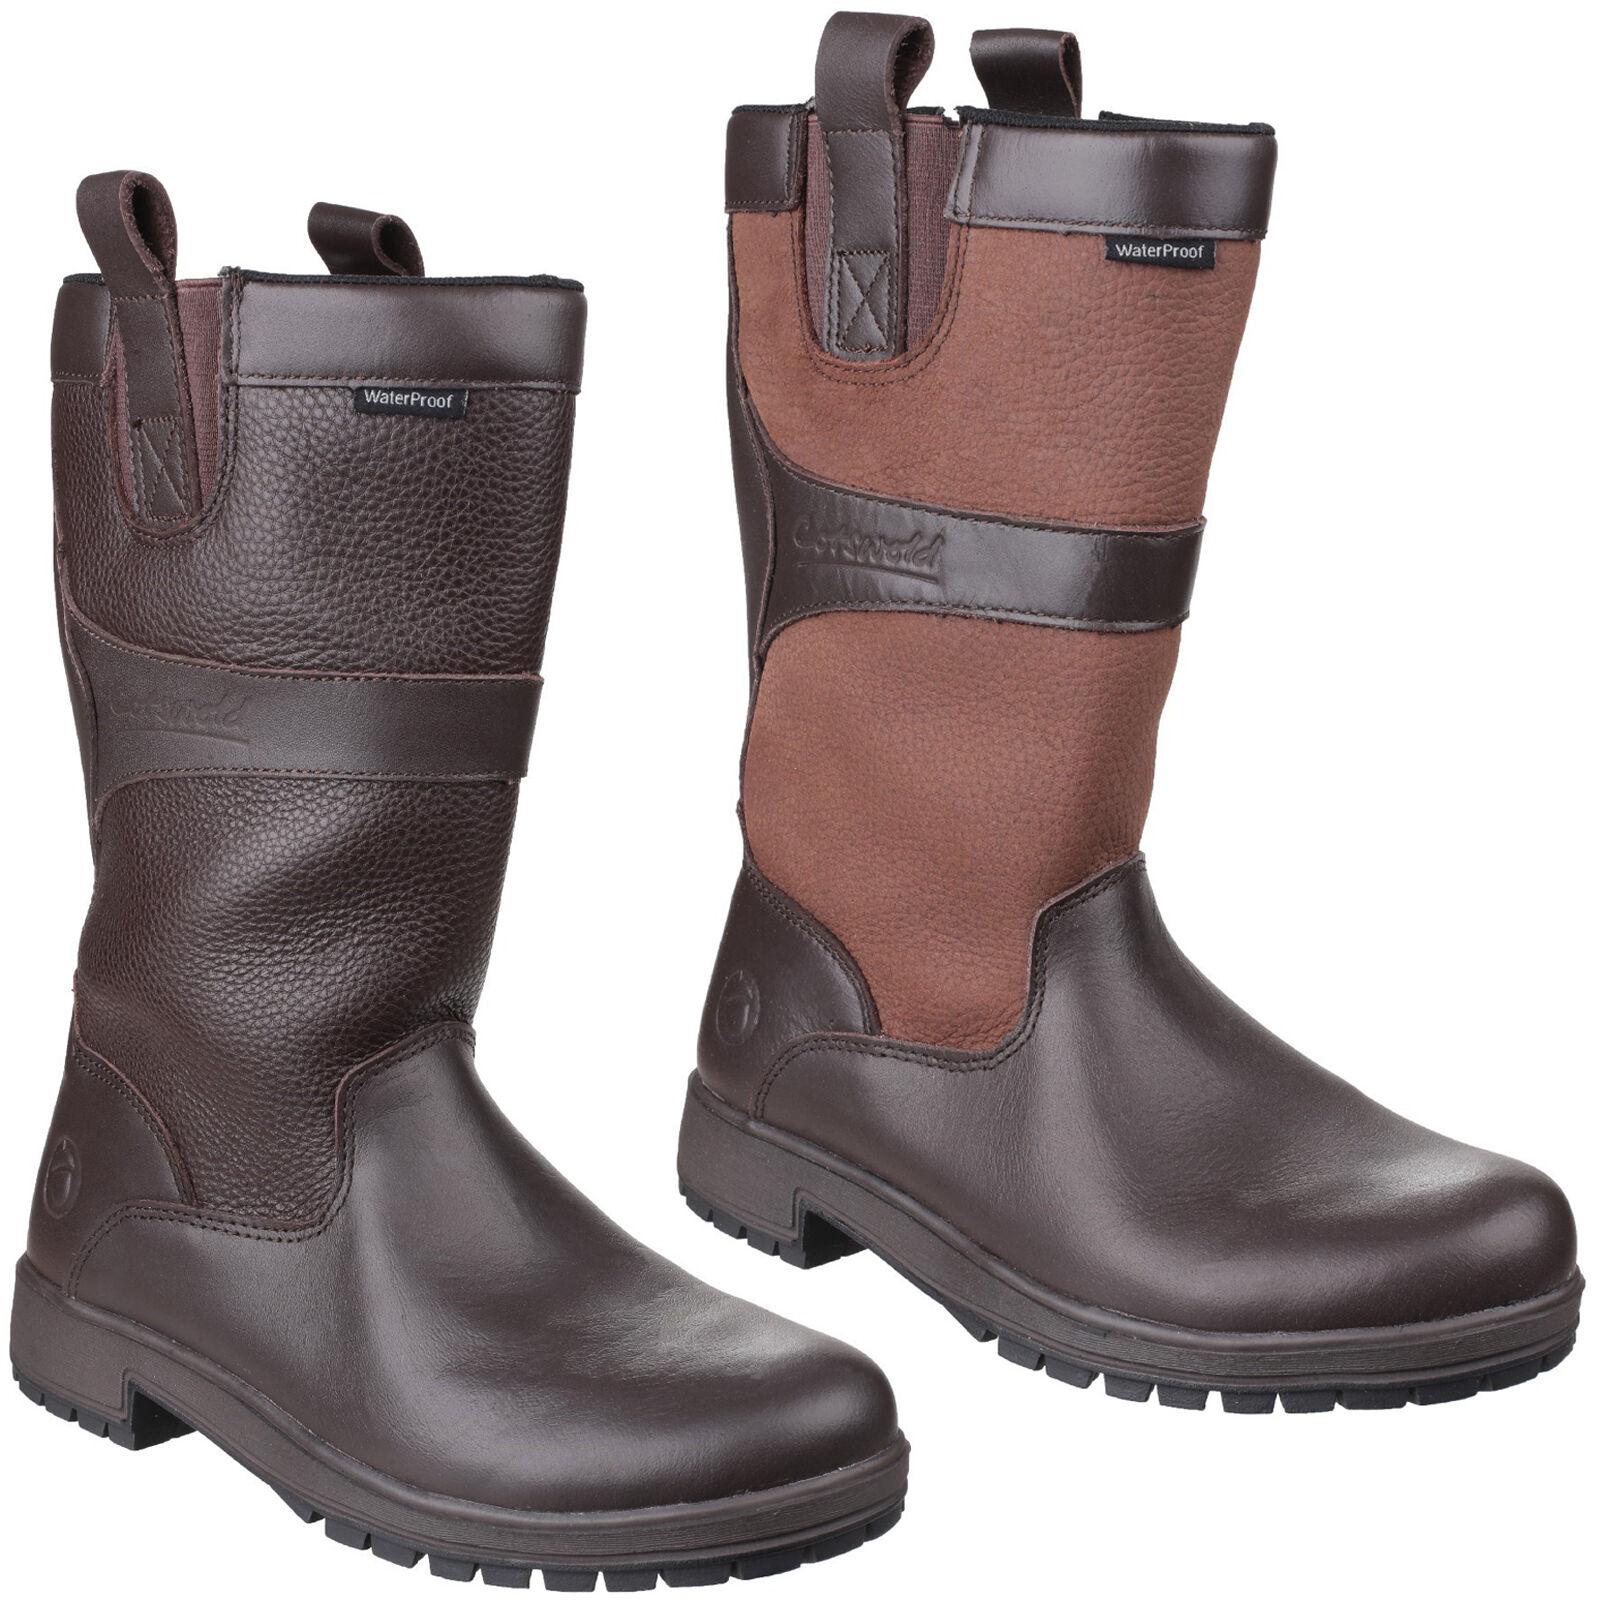 Cotswold Ascot Wasserfeste Stiefel Damen Hineinschlüpfen Gummistiefel UK4-8